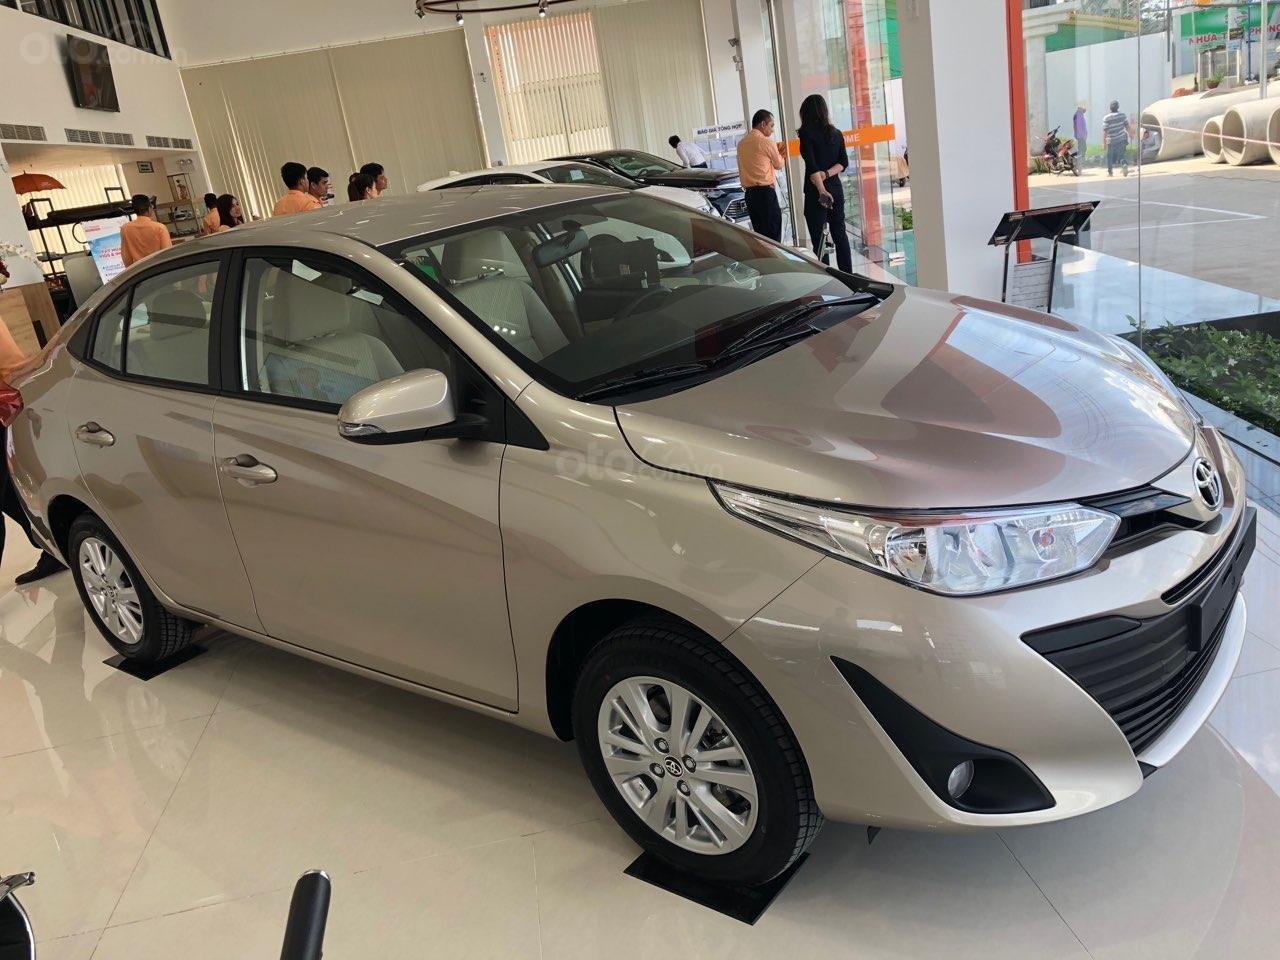 Toyota Vios 1.5E số sàn- màu nâu vàng, bán trả góp chỉ với 130tr nhận xe, lái suất vay 0% (2)